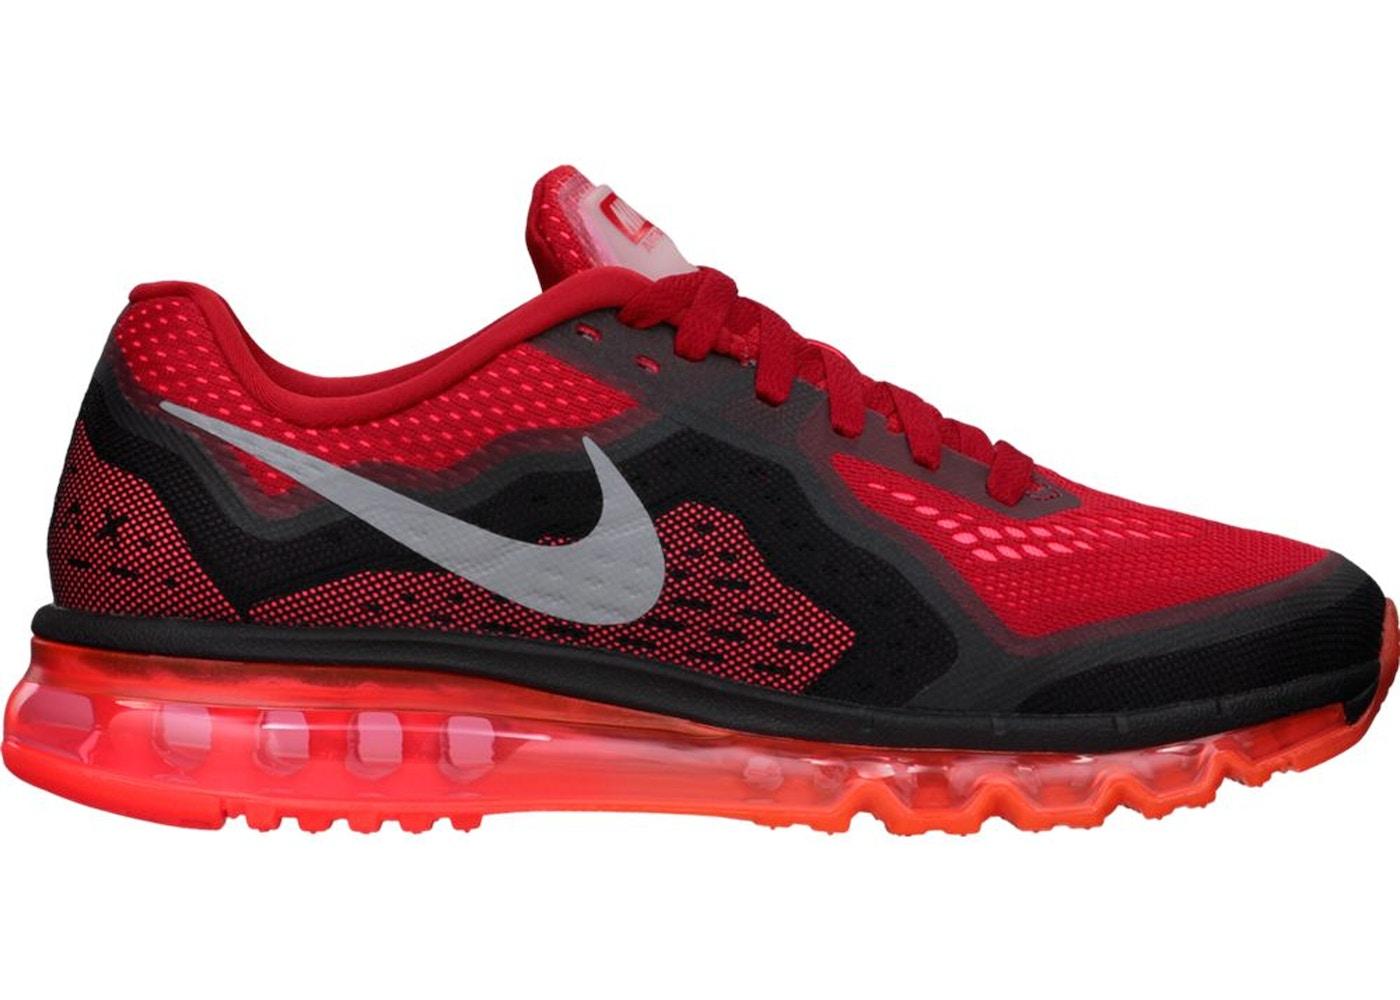 Nike Air Max 2014 Gym Red Black - 621077-601